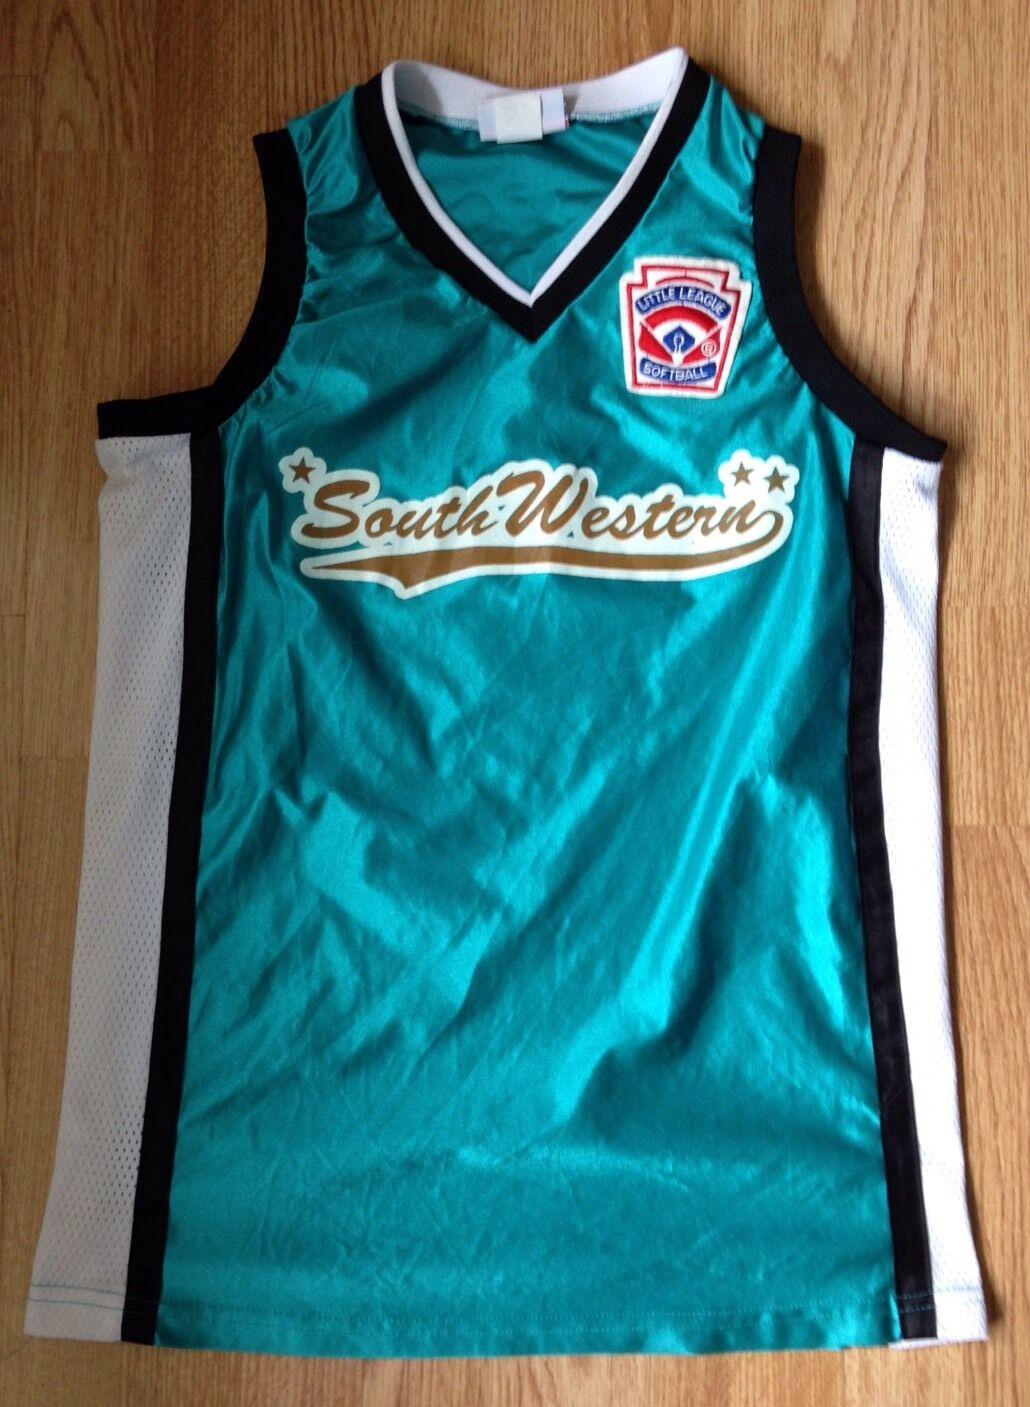 South Western Little League Vintage Sports Sports Vintage Baseball #4 Ochoa jersey swingman UK XS 368f8c